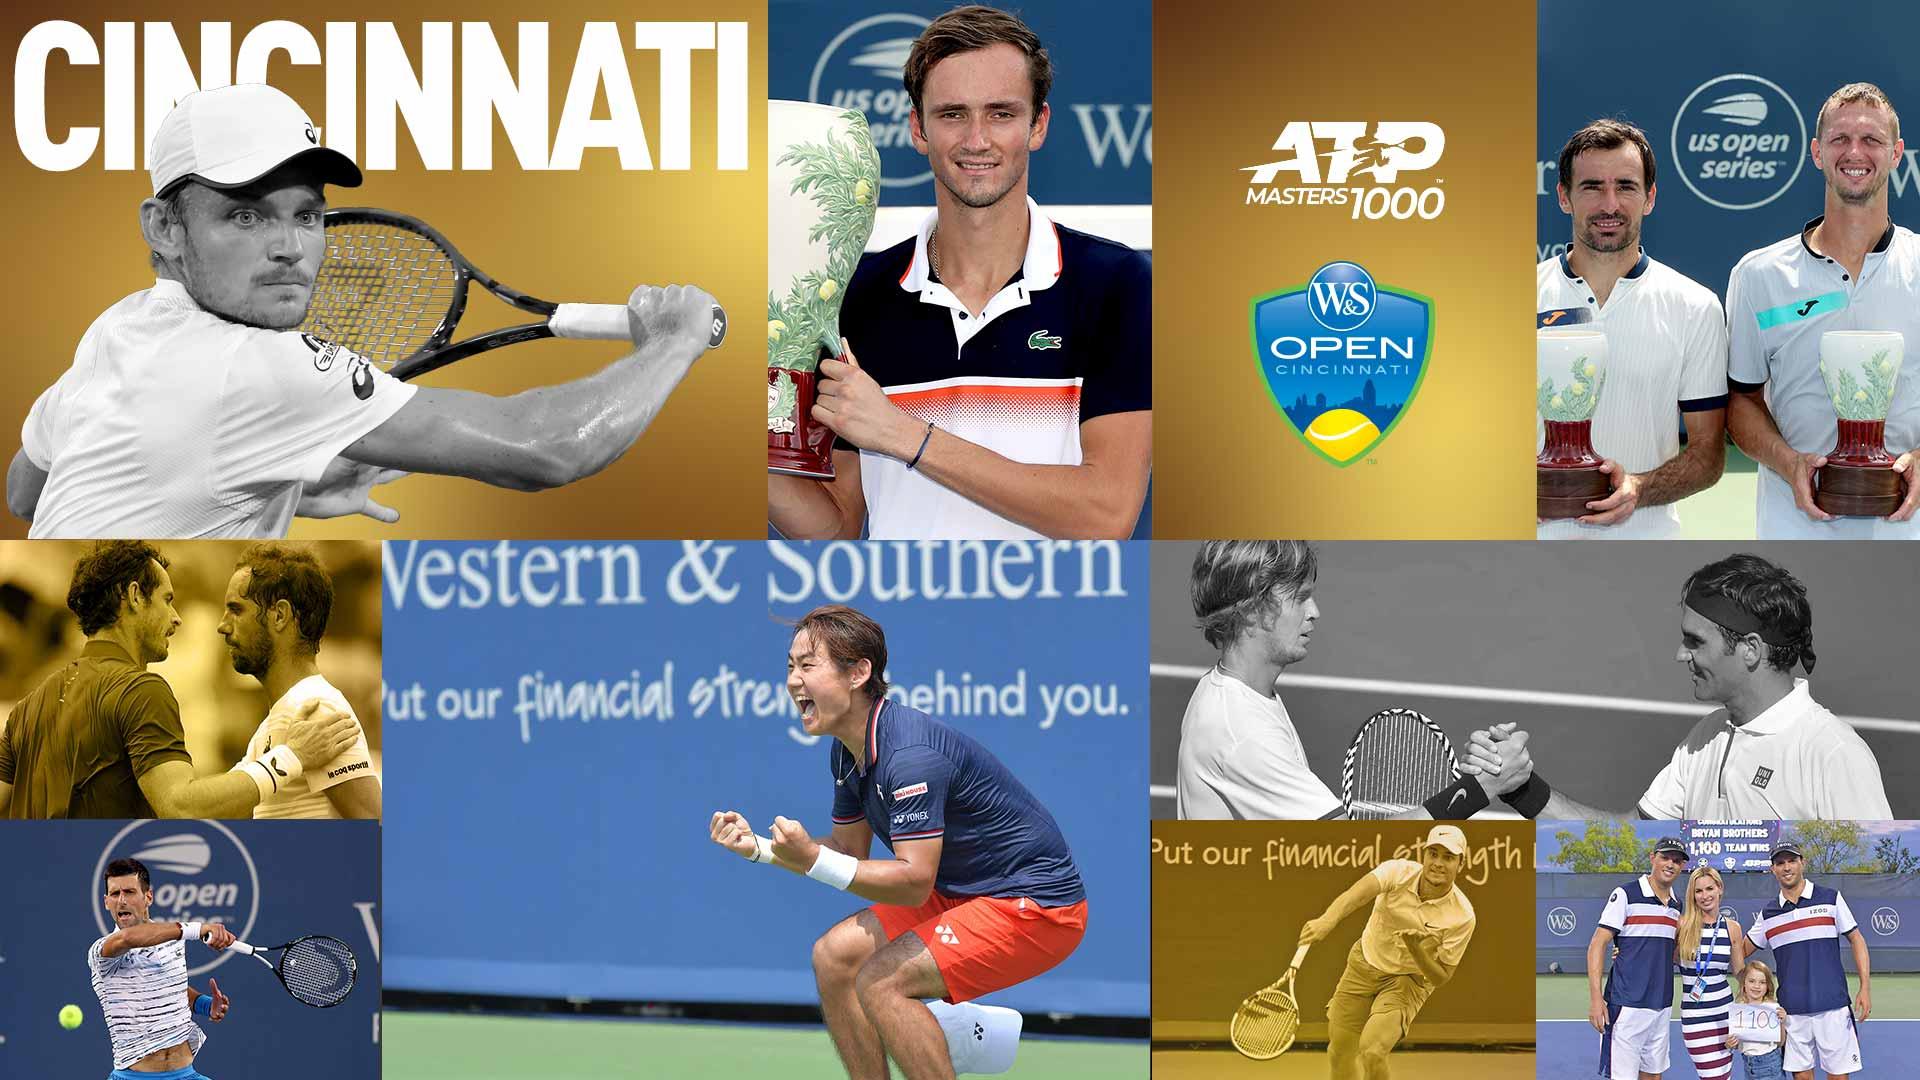 Cincinnati Tennis: Daniil Medvedev Triumphs After Week Of ...